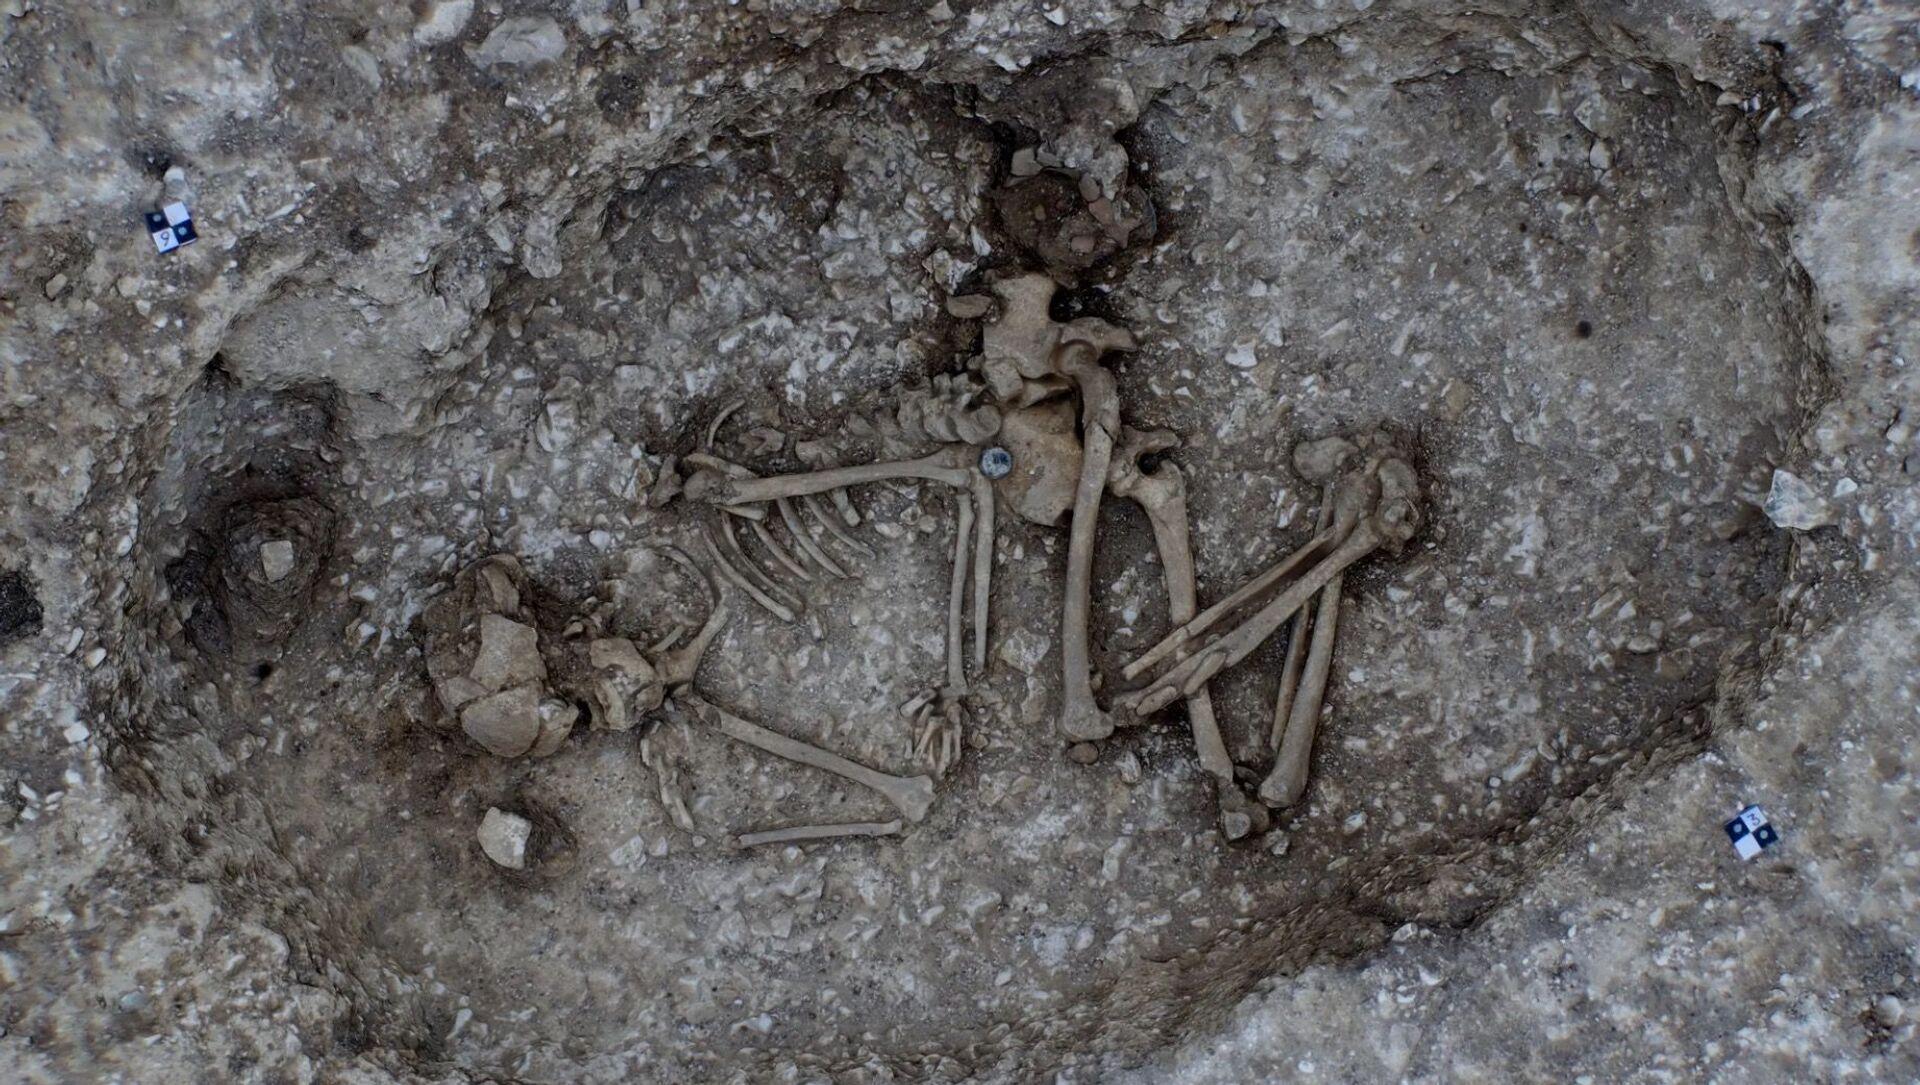 Presso Stonehenge trovato da archeologi misterioso oggetto cilindrico - Foto - Sputnik Italia, 1920, 17.02.2021